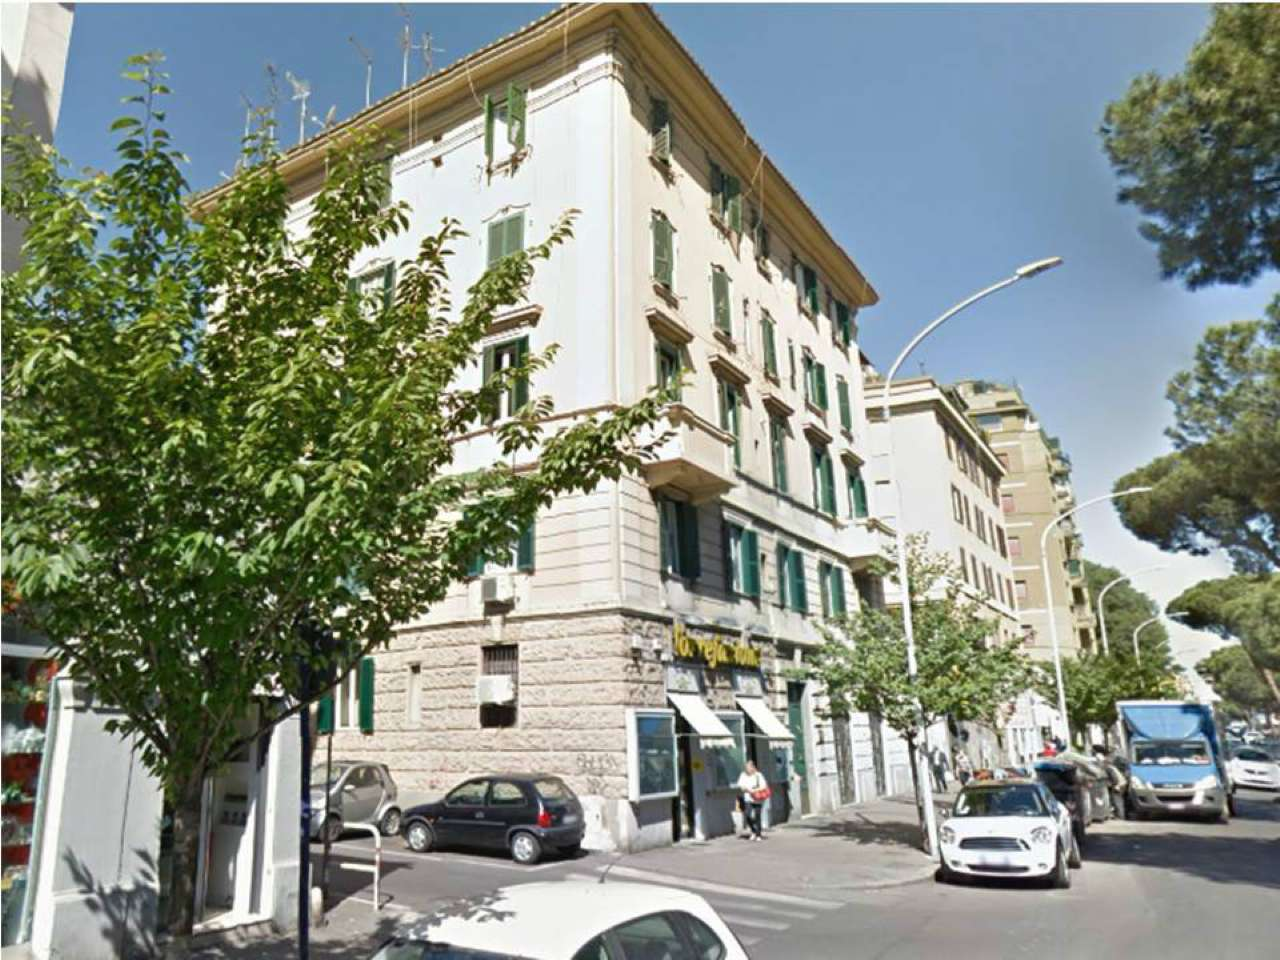 Negozi e locali in affitto a roma pag 9 for Locali in affitto roma